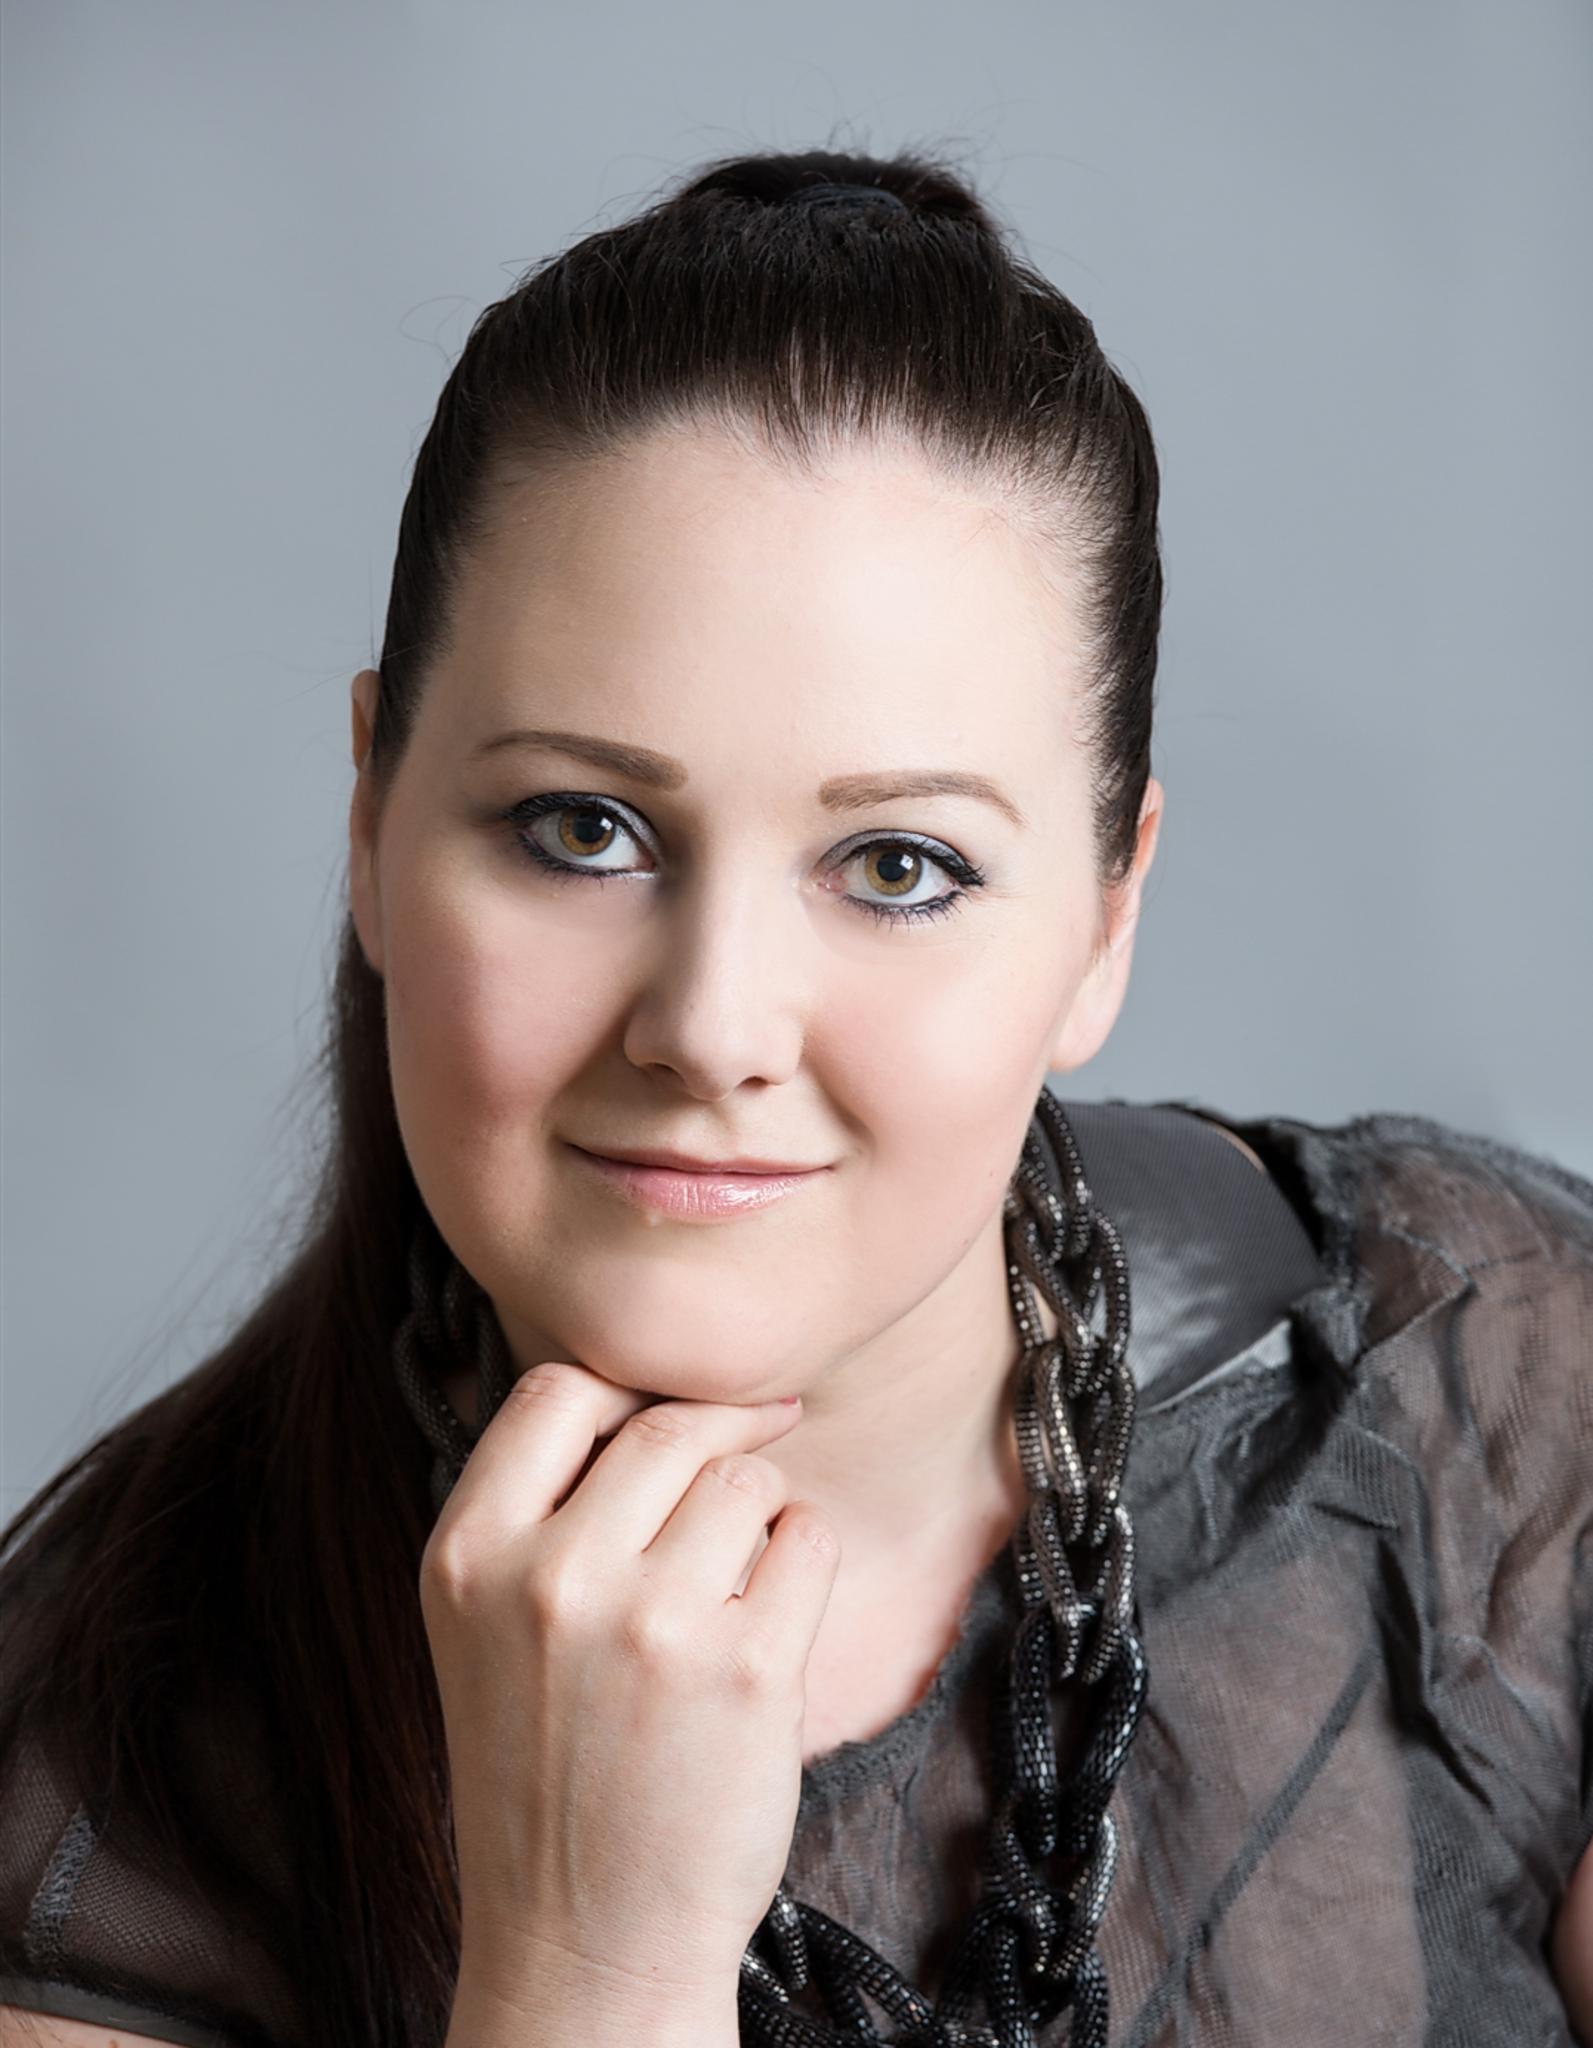 Durchstarterin Tamara Pichler Aus Oberwart Liegt Immer Voll Im Trend